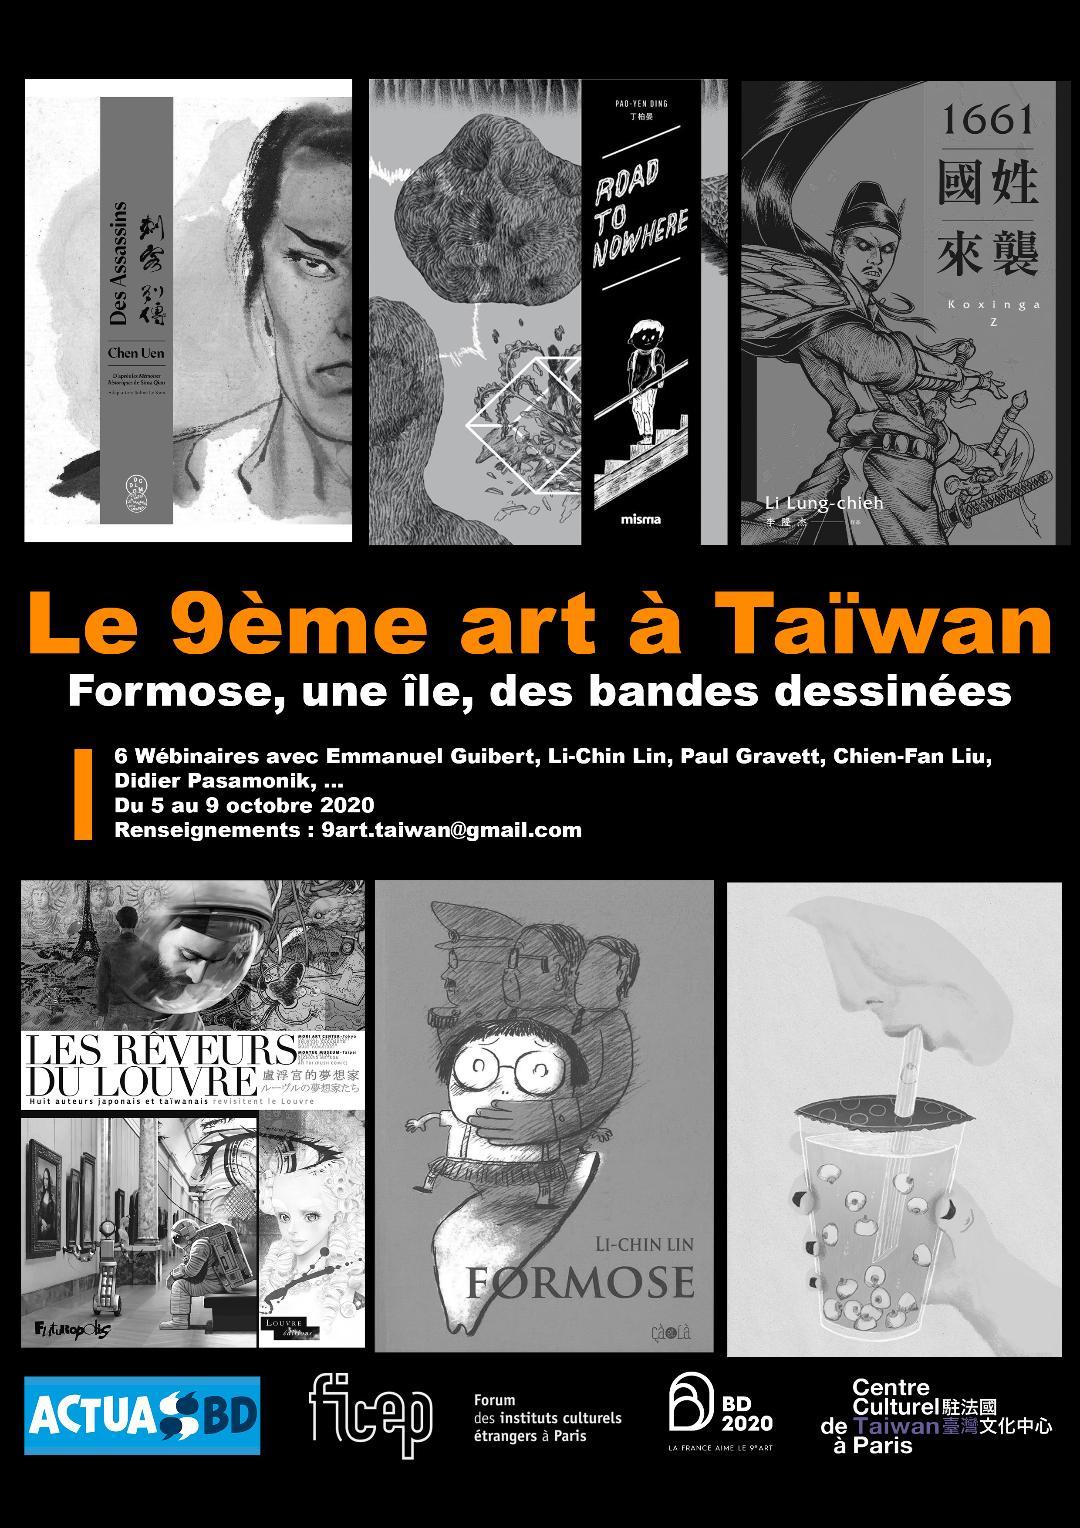 Le 9e art à Taïwan